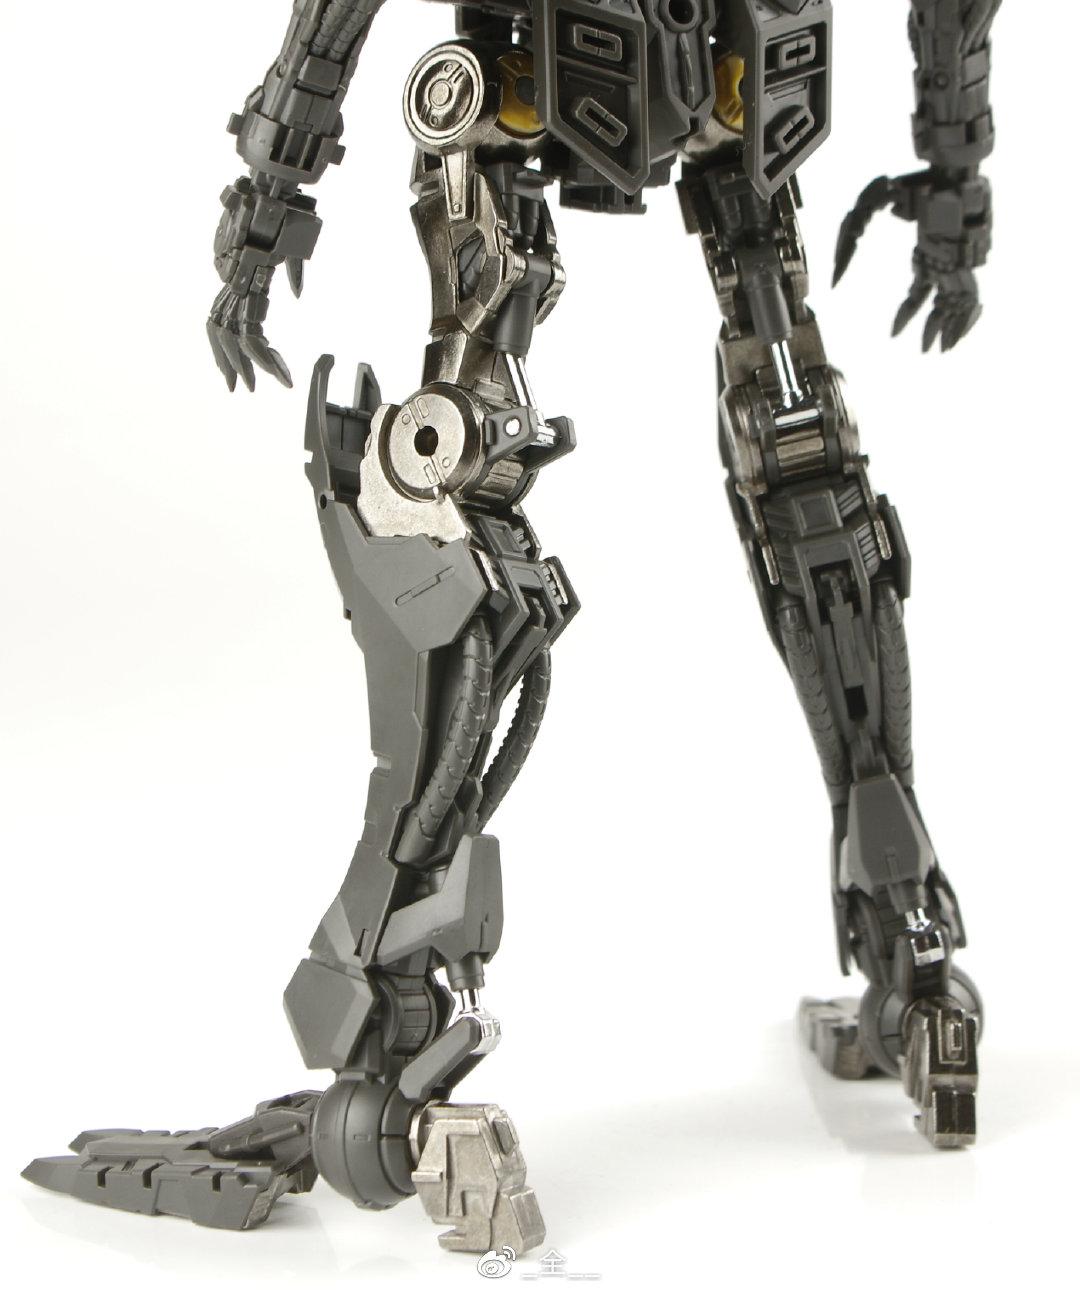 M103_mg_barbatos_metal_frame_parts_set_009_037.jpg